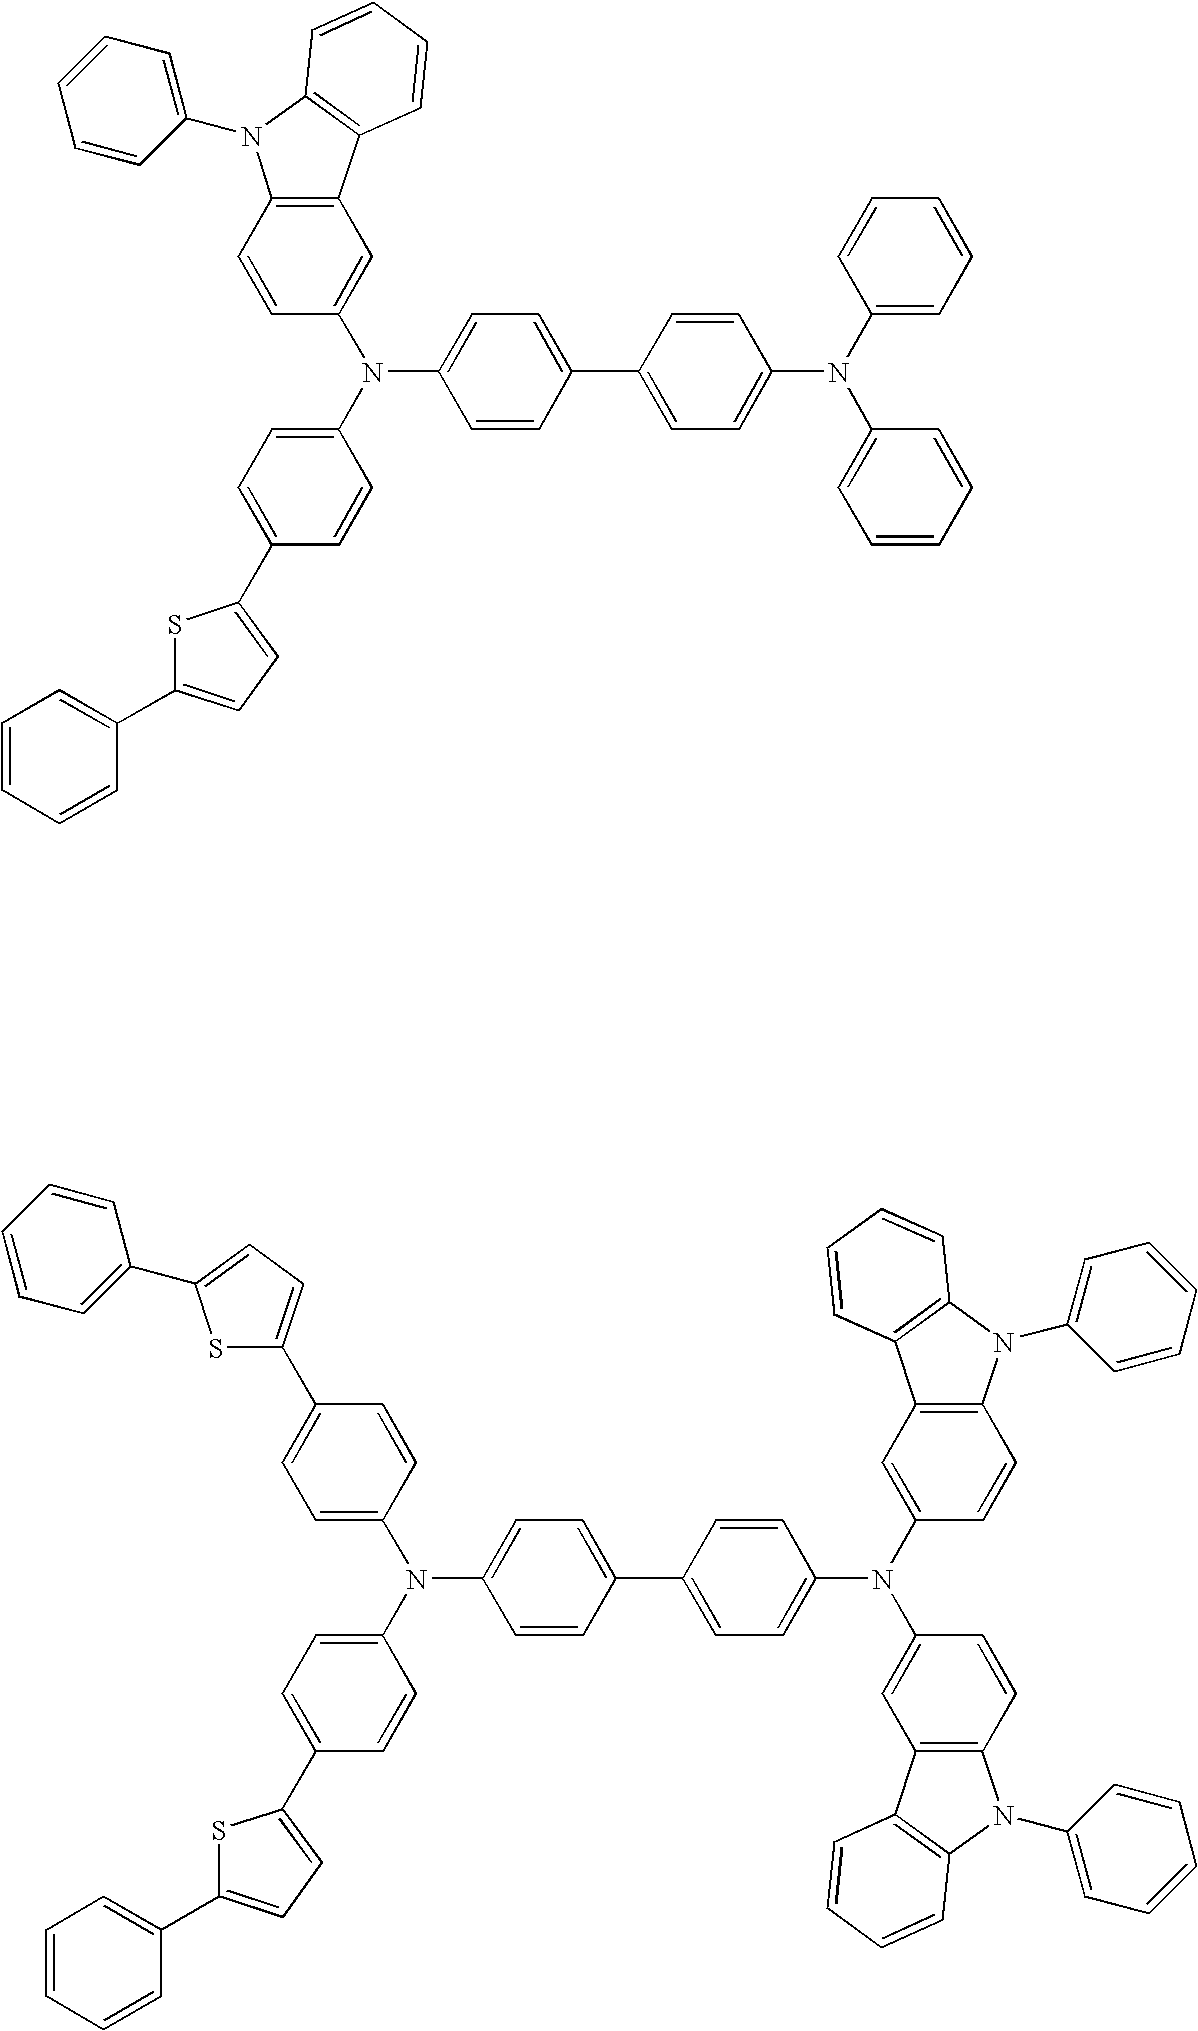 Figure US20090066235A1-20090312-C00028